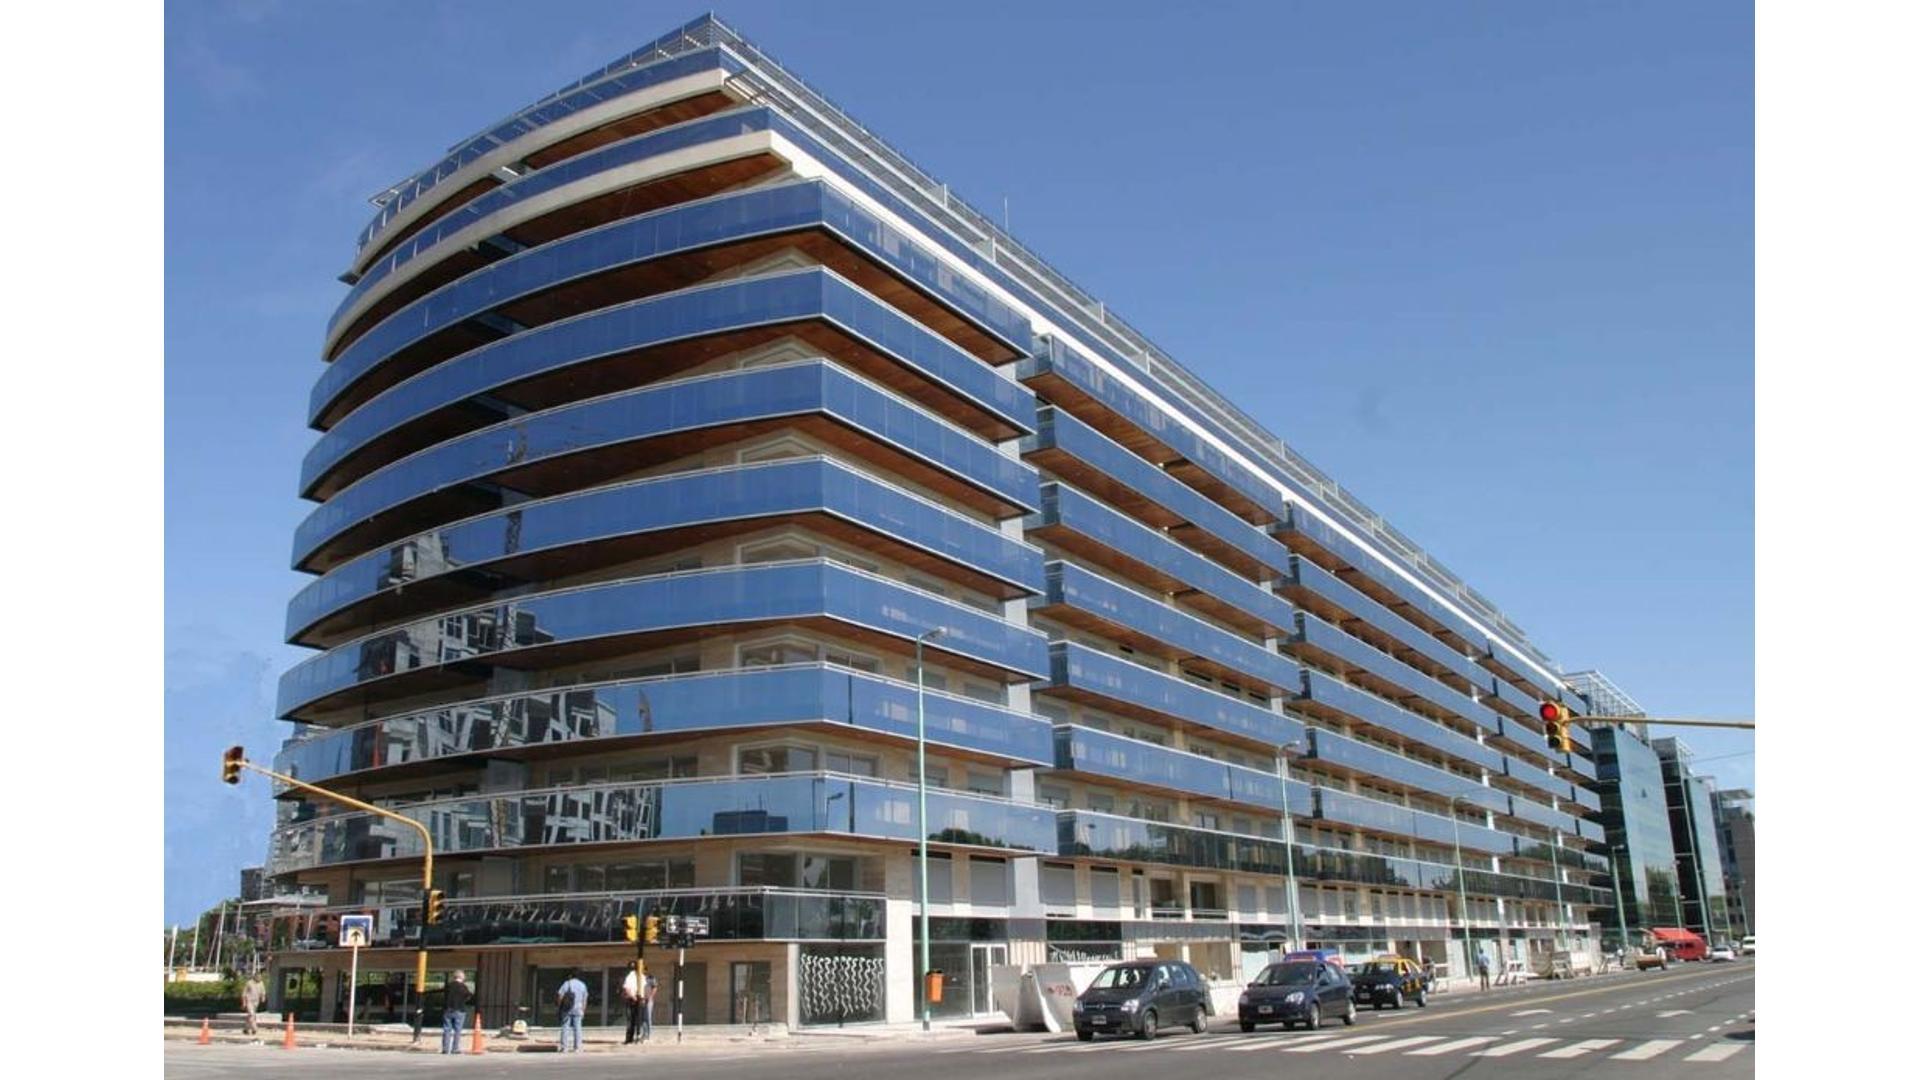 Departamento  en Venta ubicado en Puerto Madero, Capital Federal - MAD0394_LP75877_1